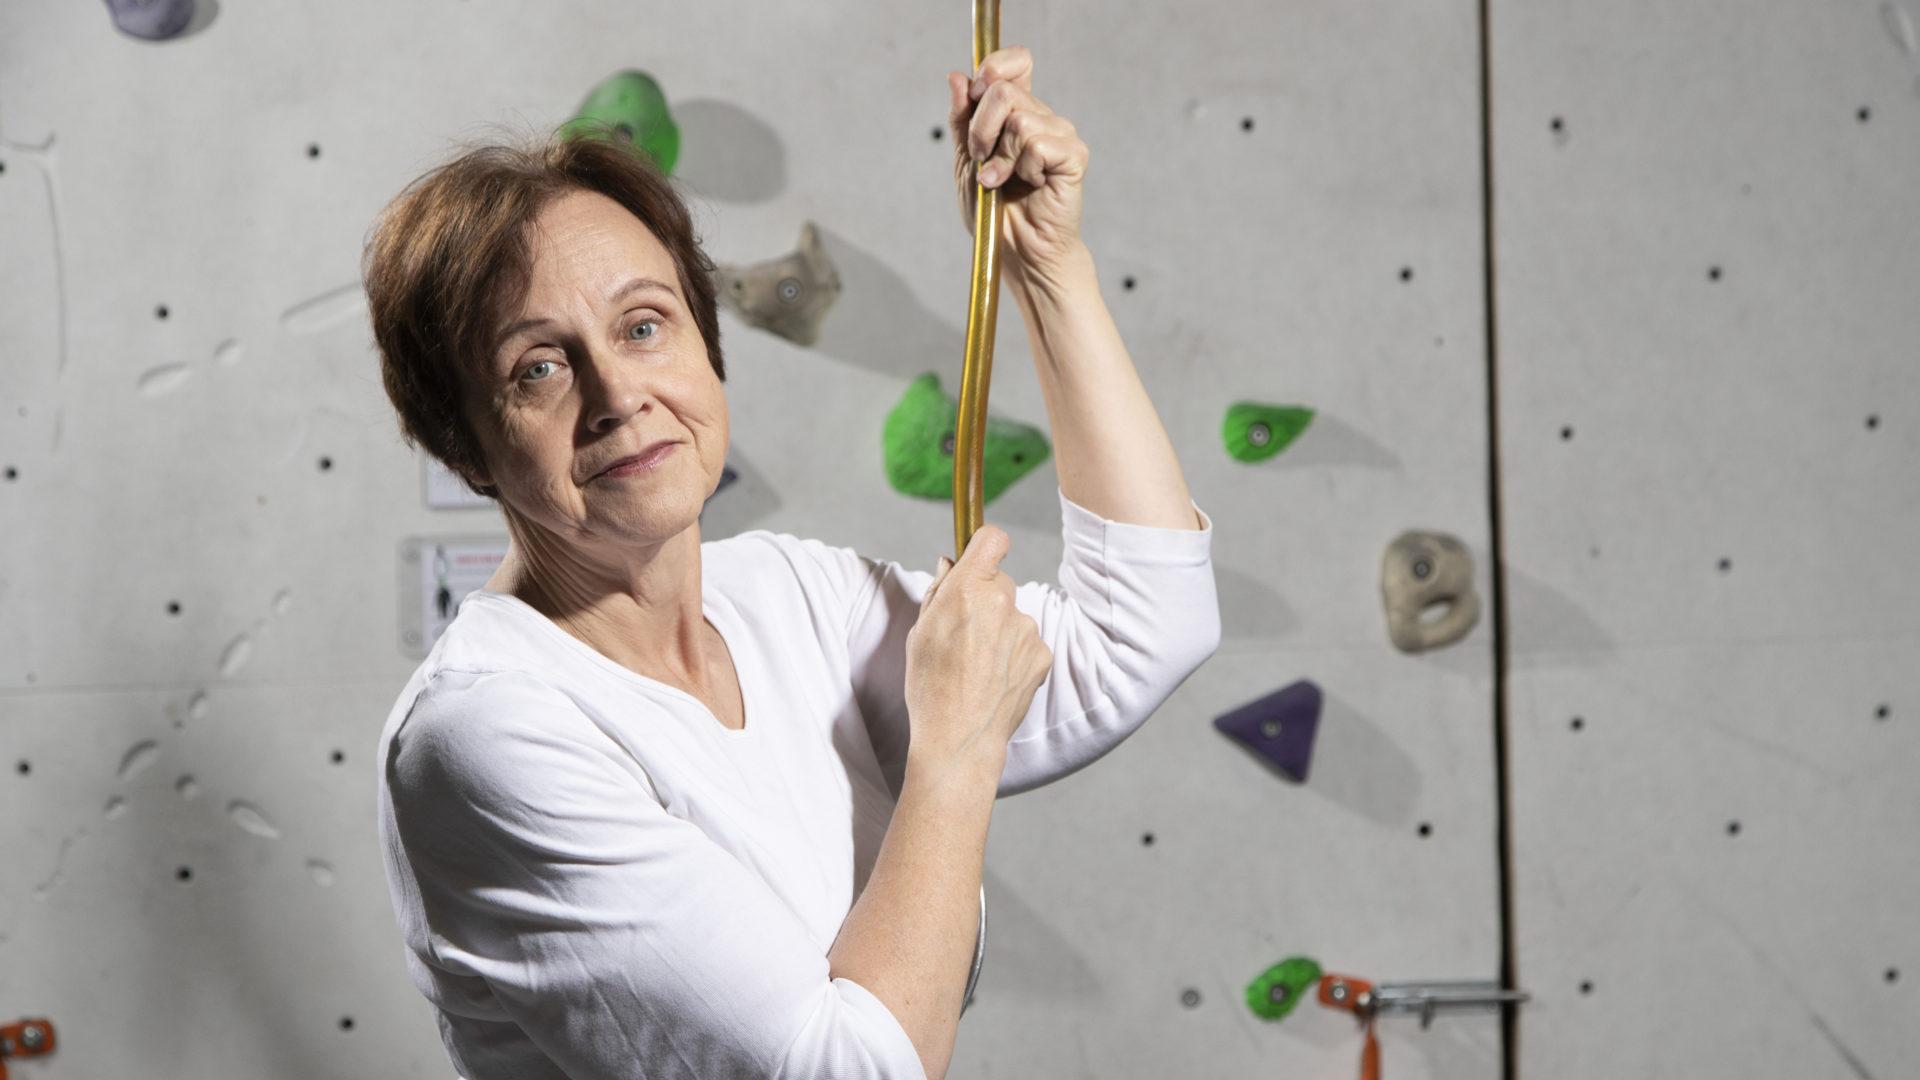 Kirjailijana ja tutkijana tunnettu Virpi Hämeen-Anttila on harrastanut seinäkiipeilyä muutaman kuukauden. Lapsena hän rakasti kiipeilyä, kunnes putosi ja loukkasi selkänsä.